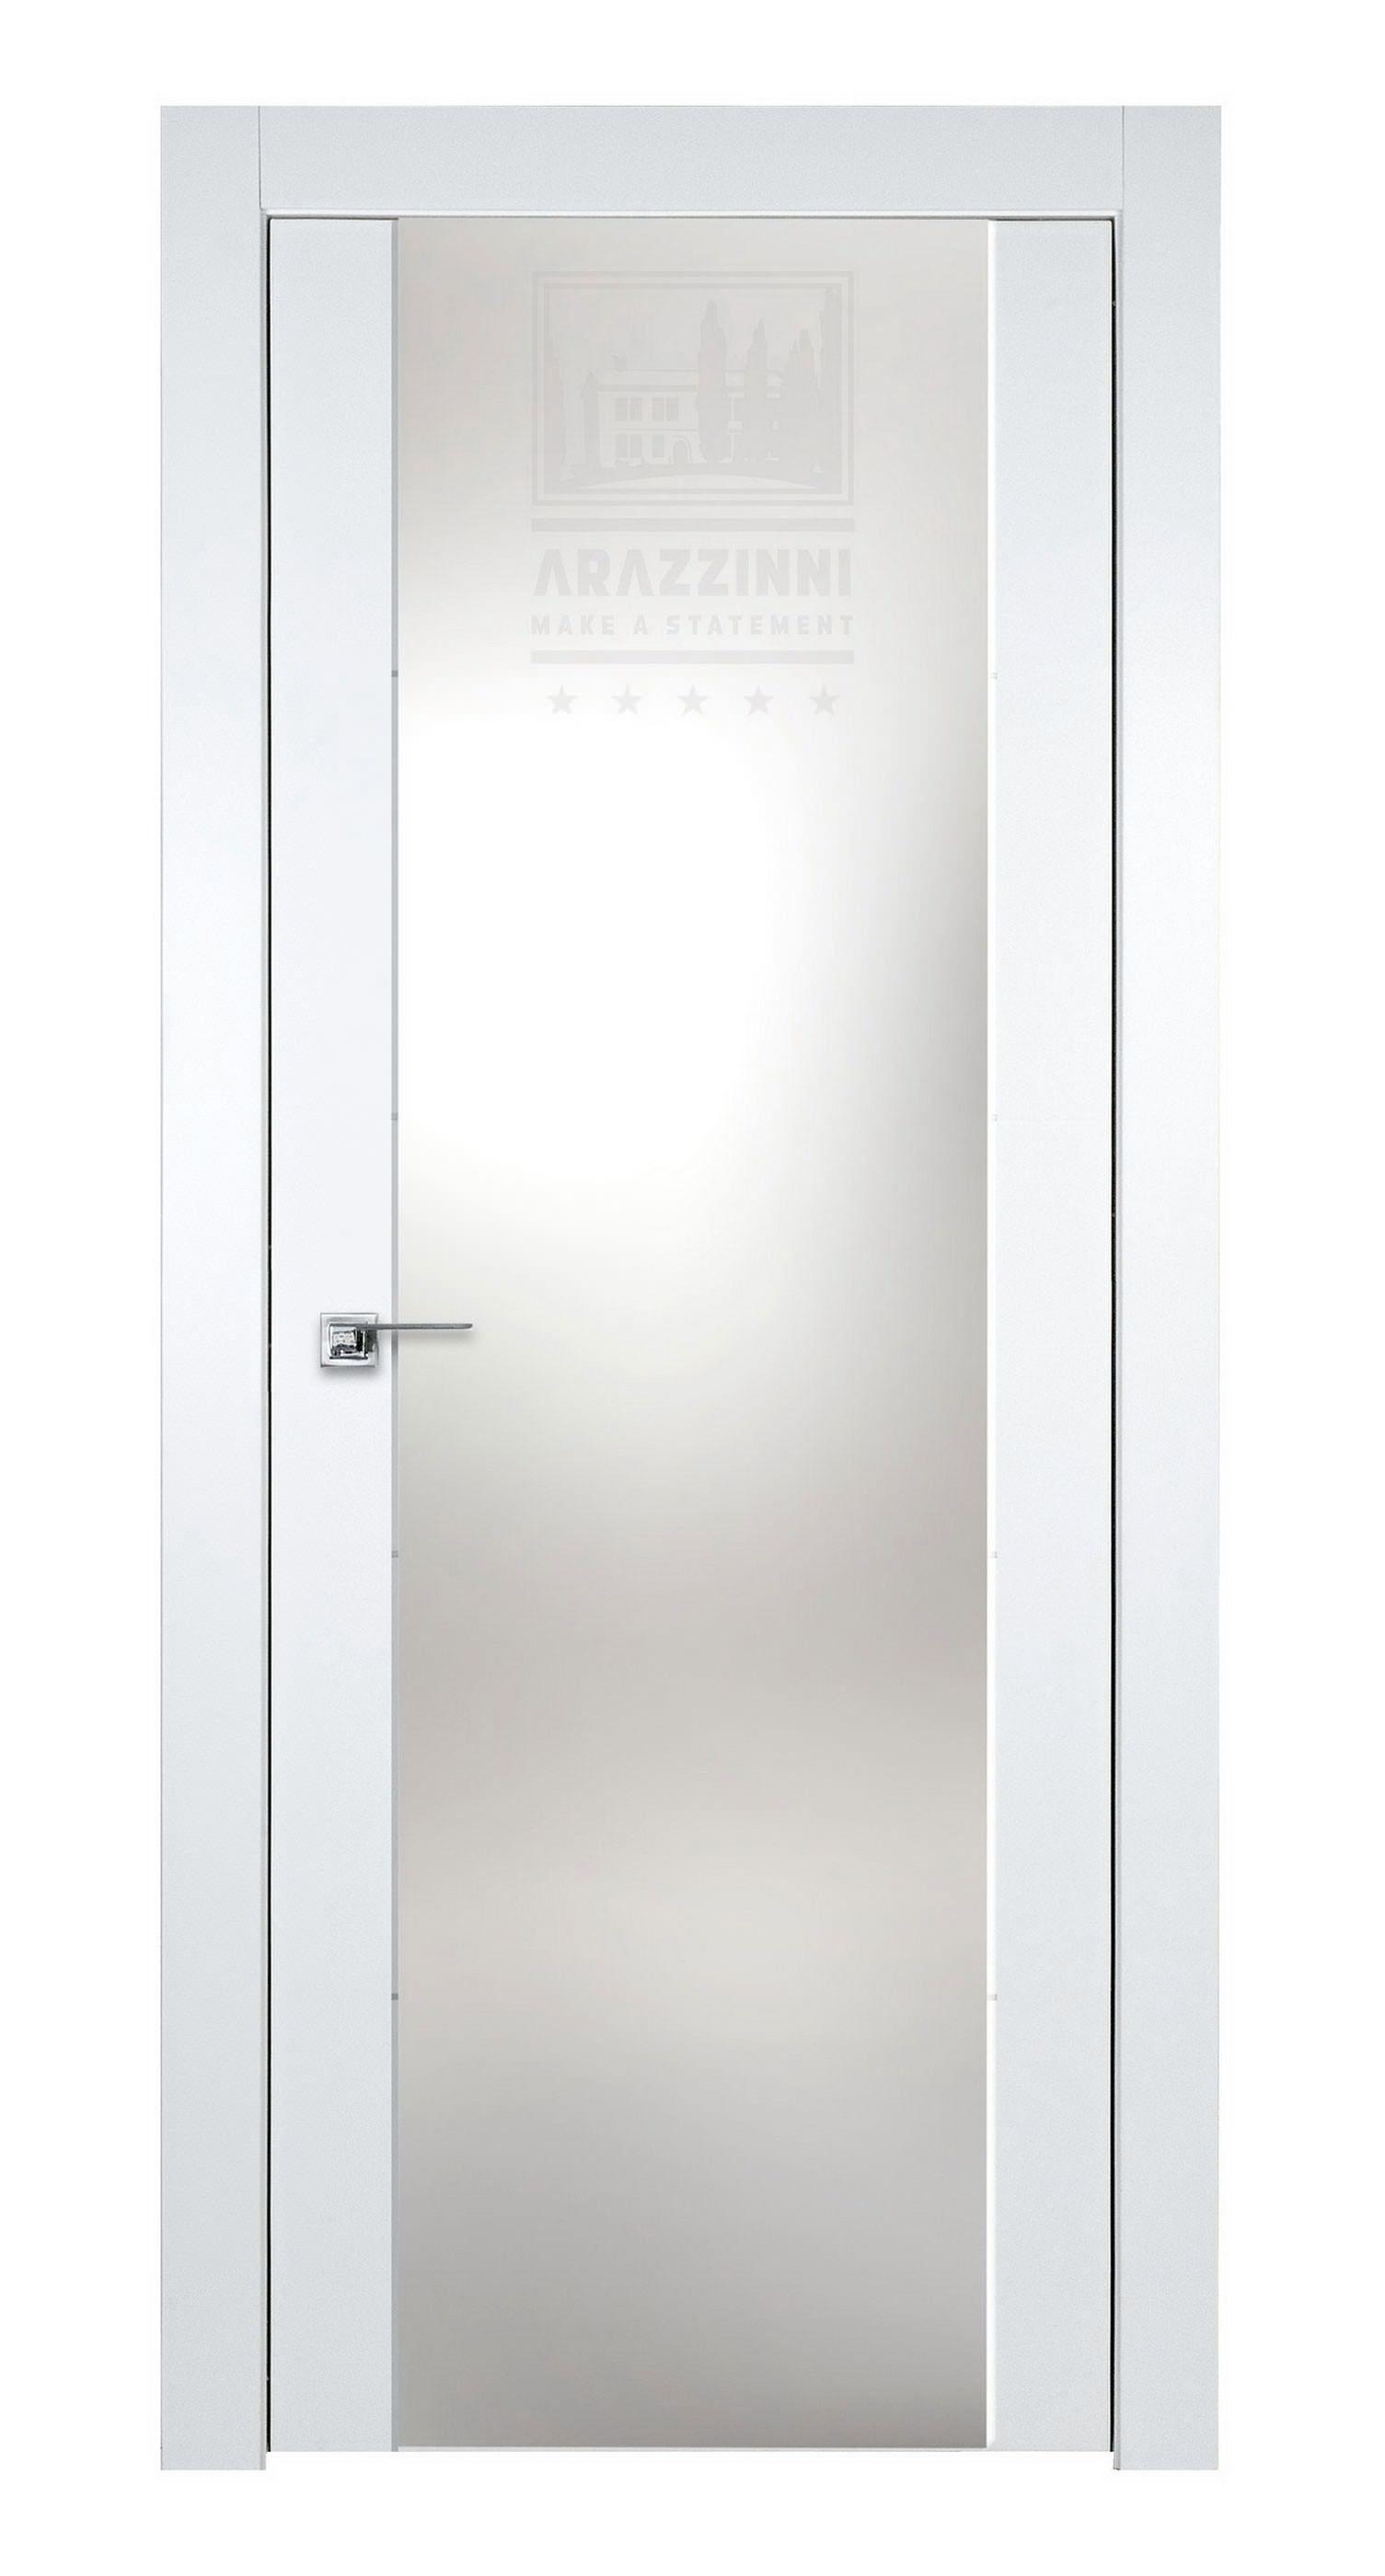 Arazzinni Smartpro H3g Polar White